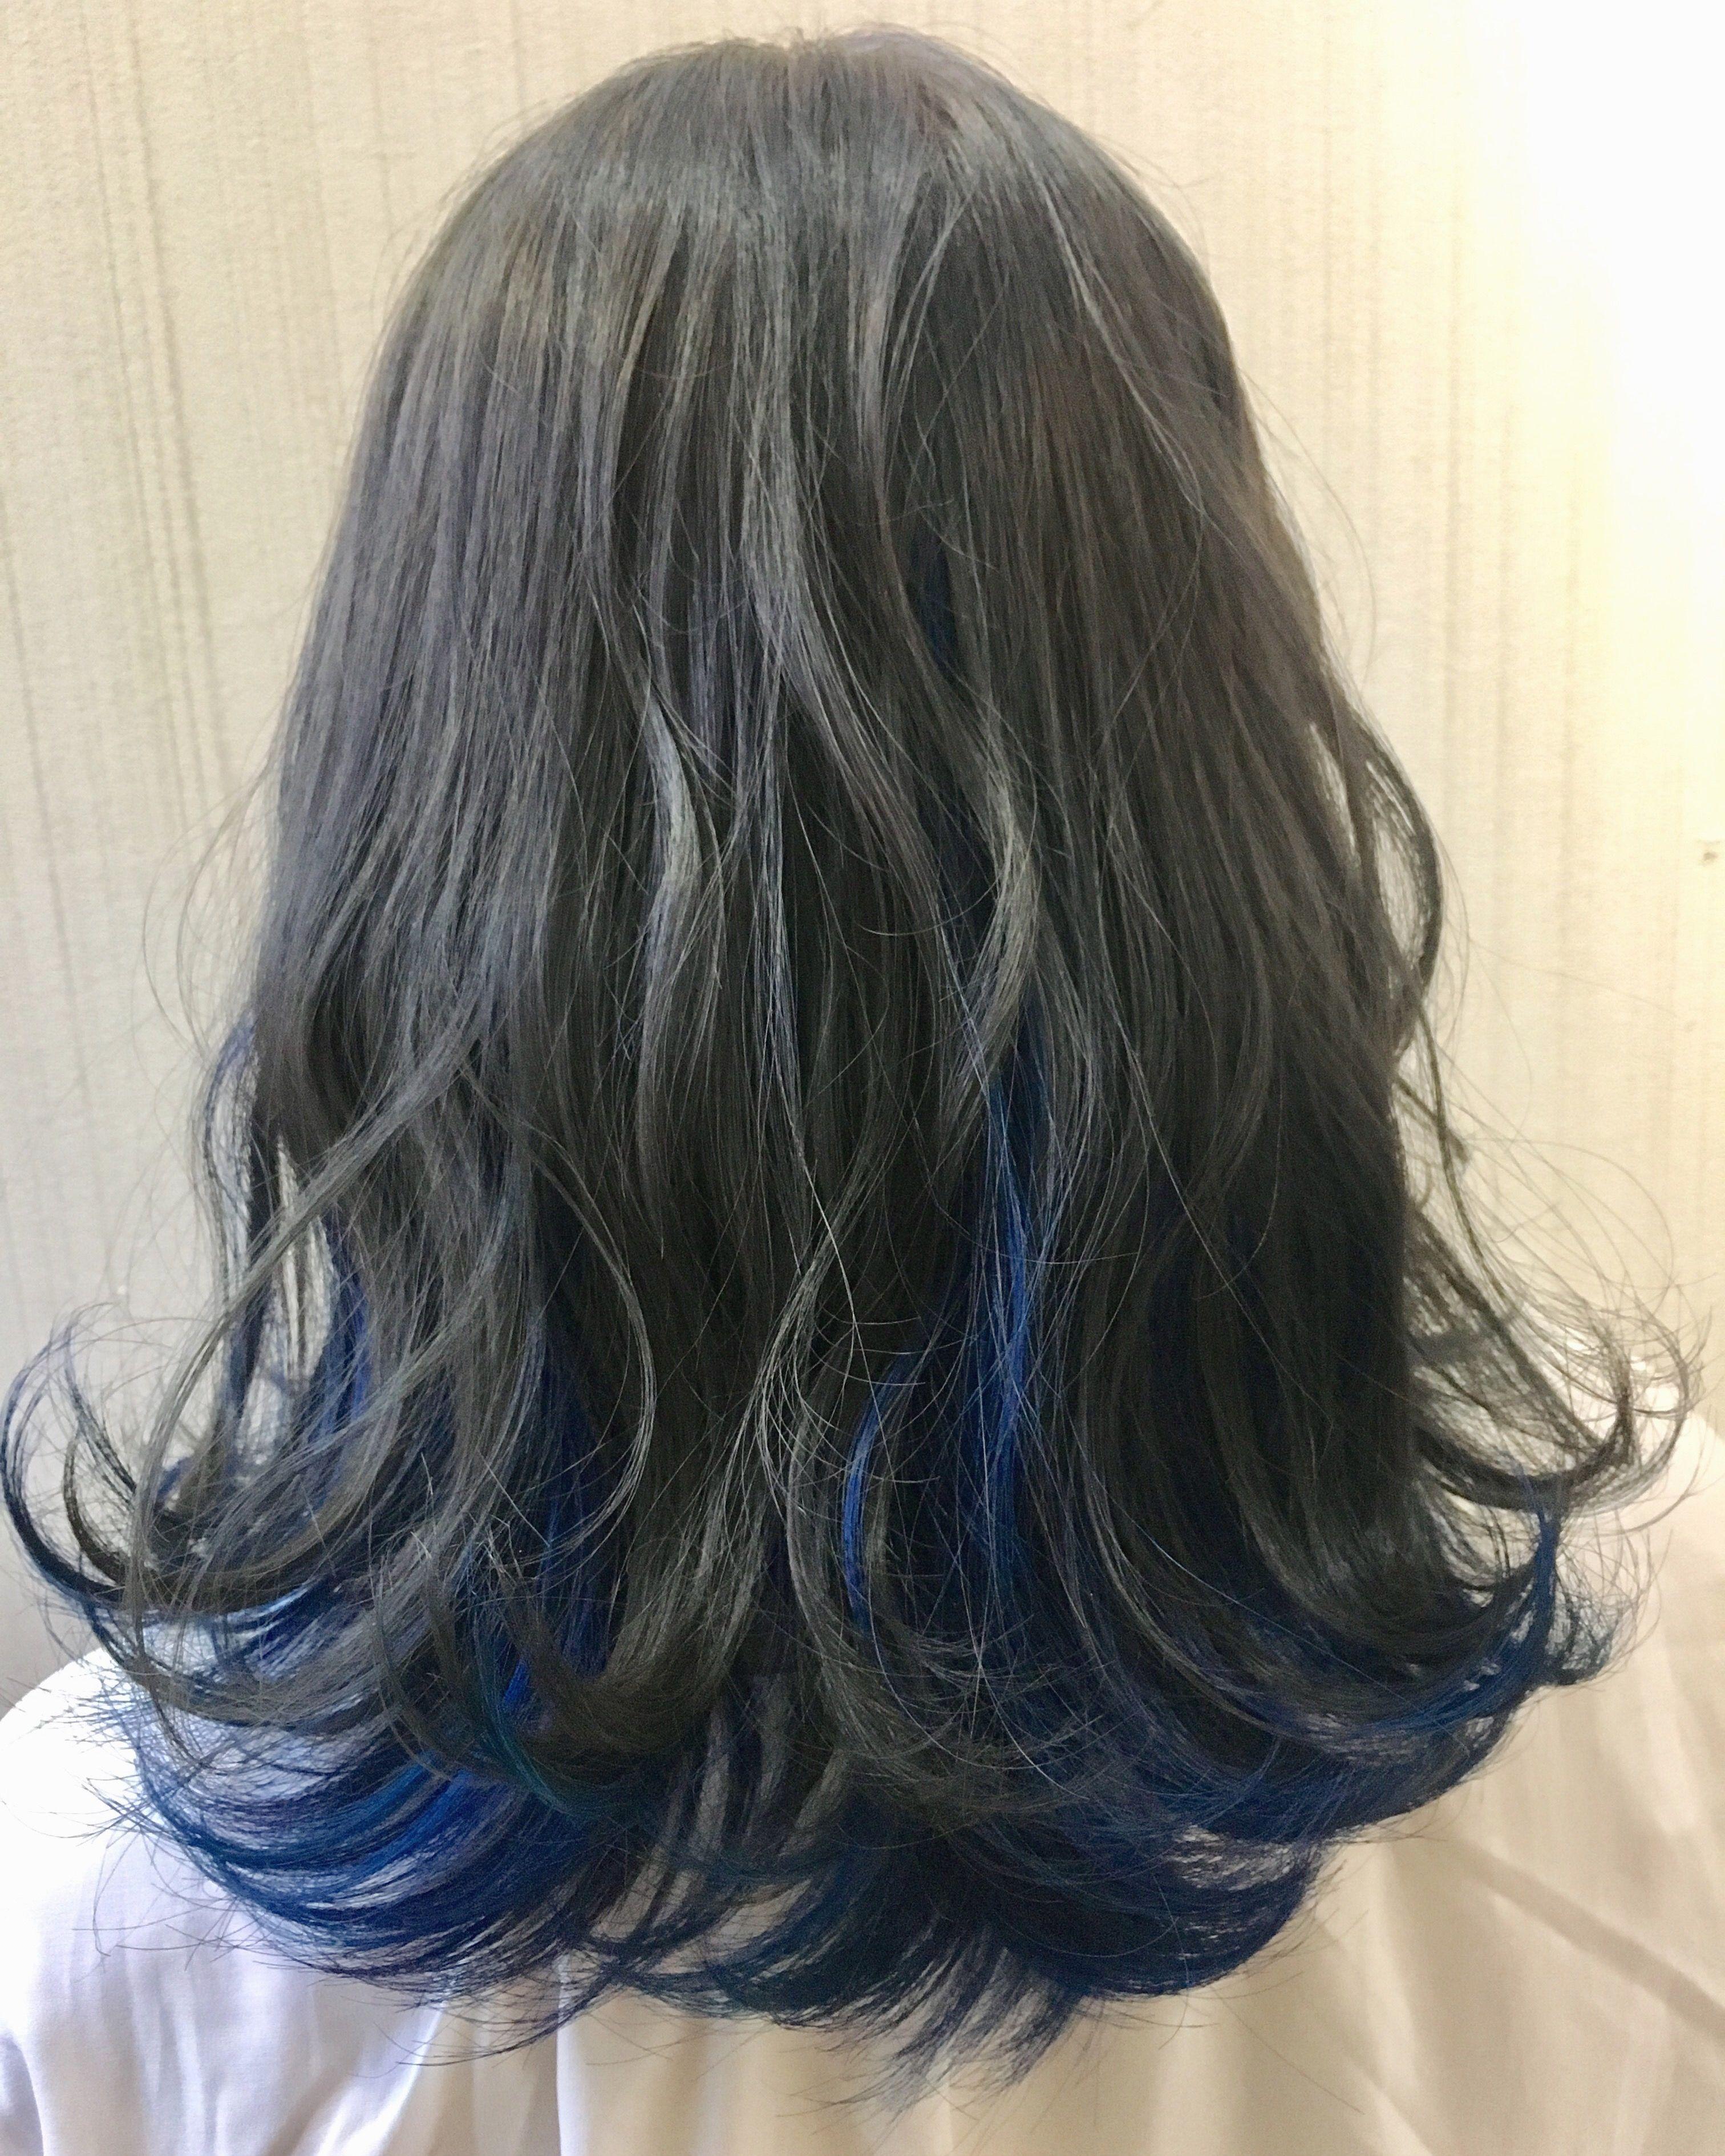 インナーカラー ブルー グレー インナーカラー ブルー ヘアカラー